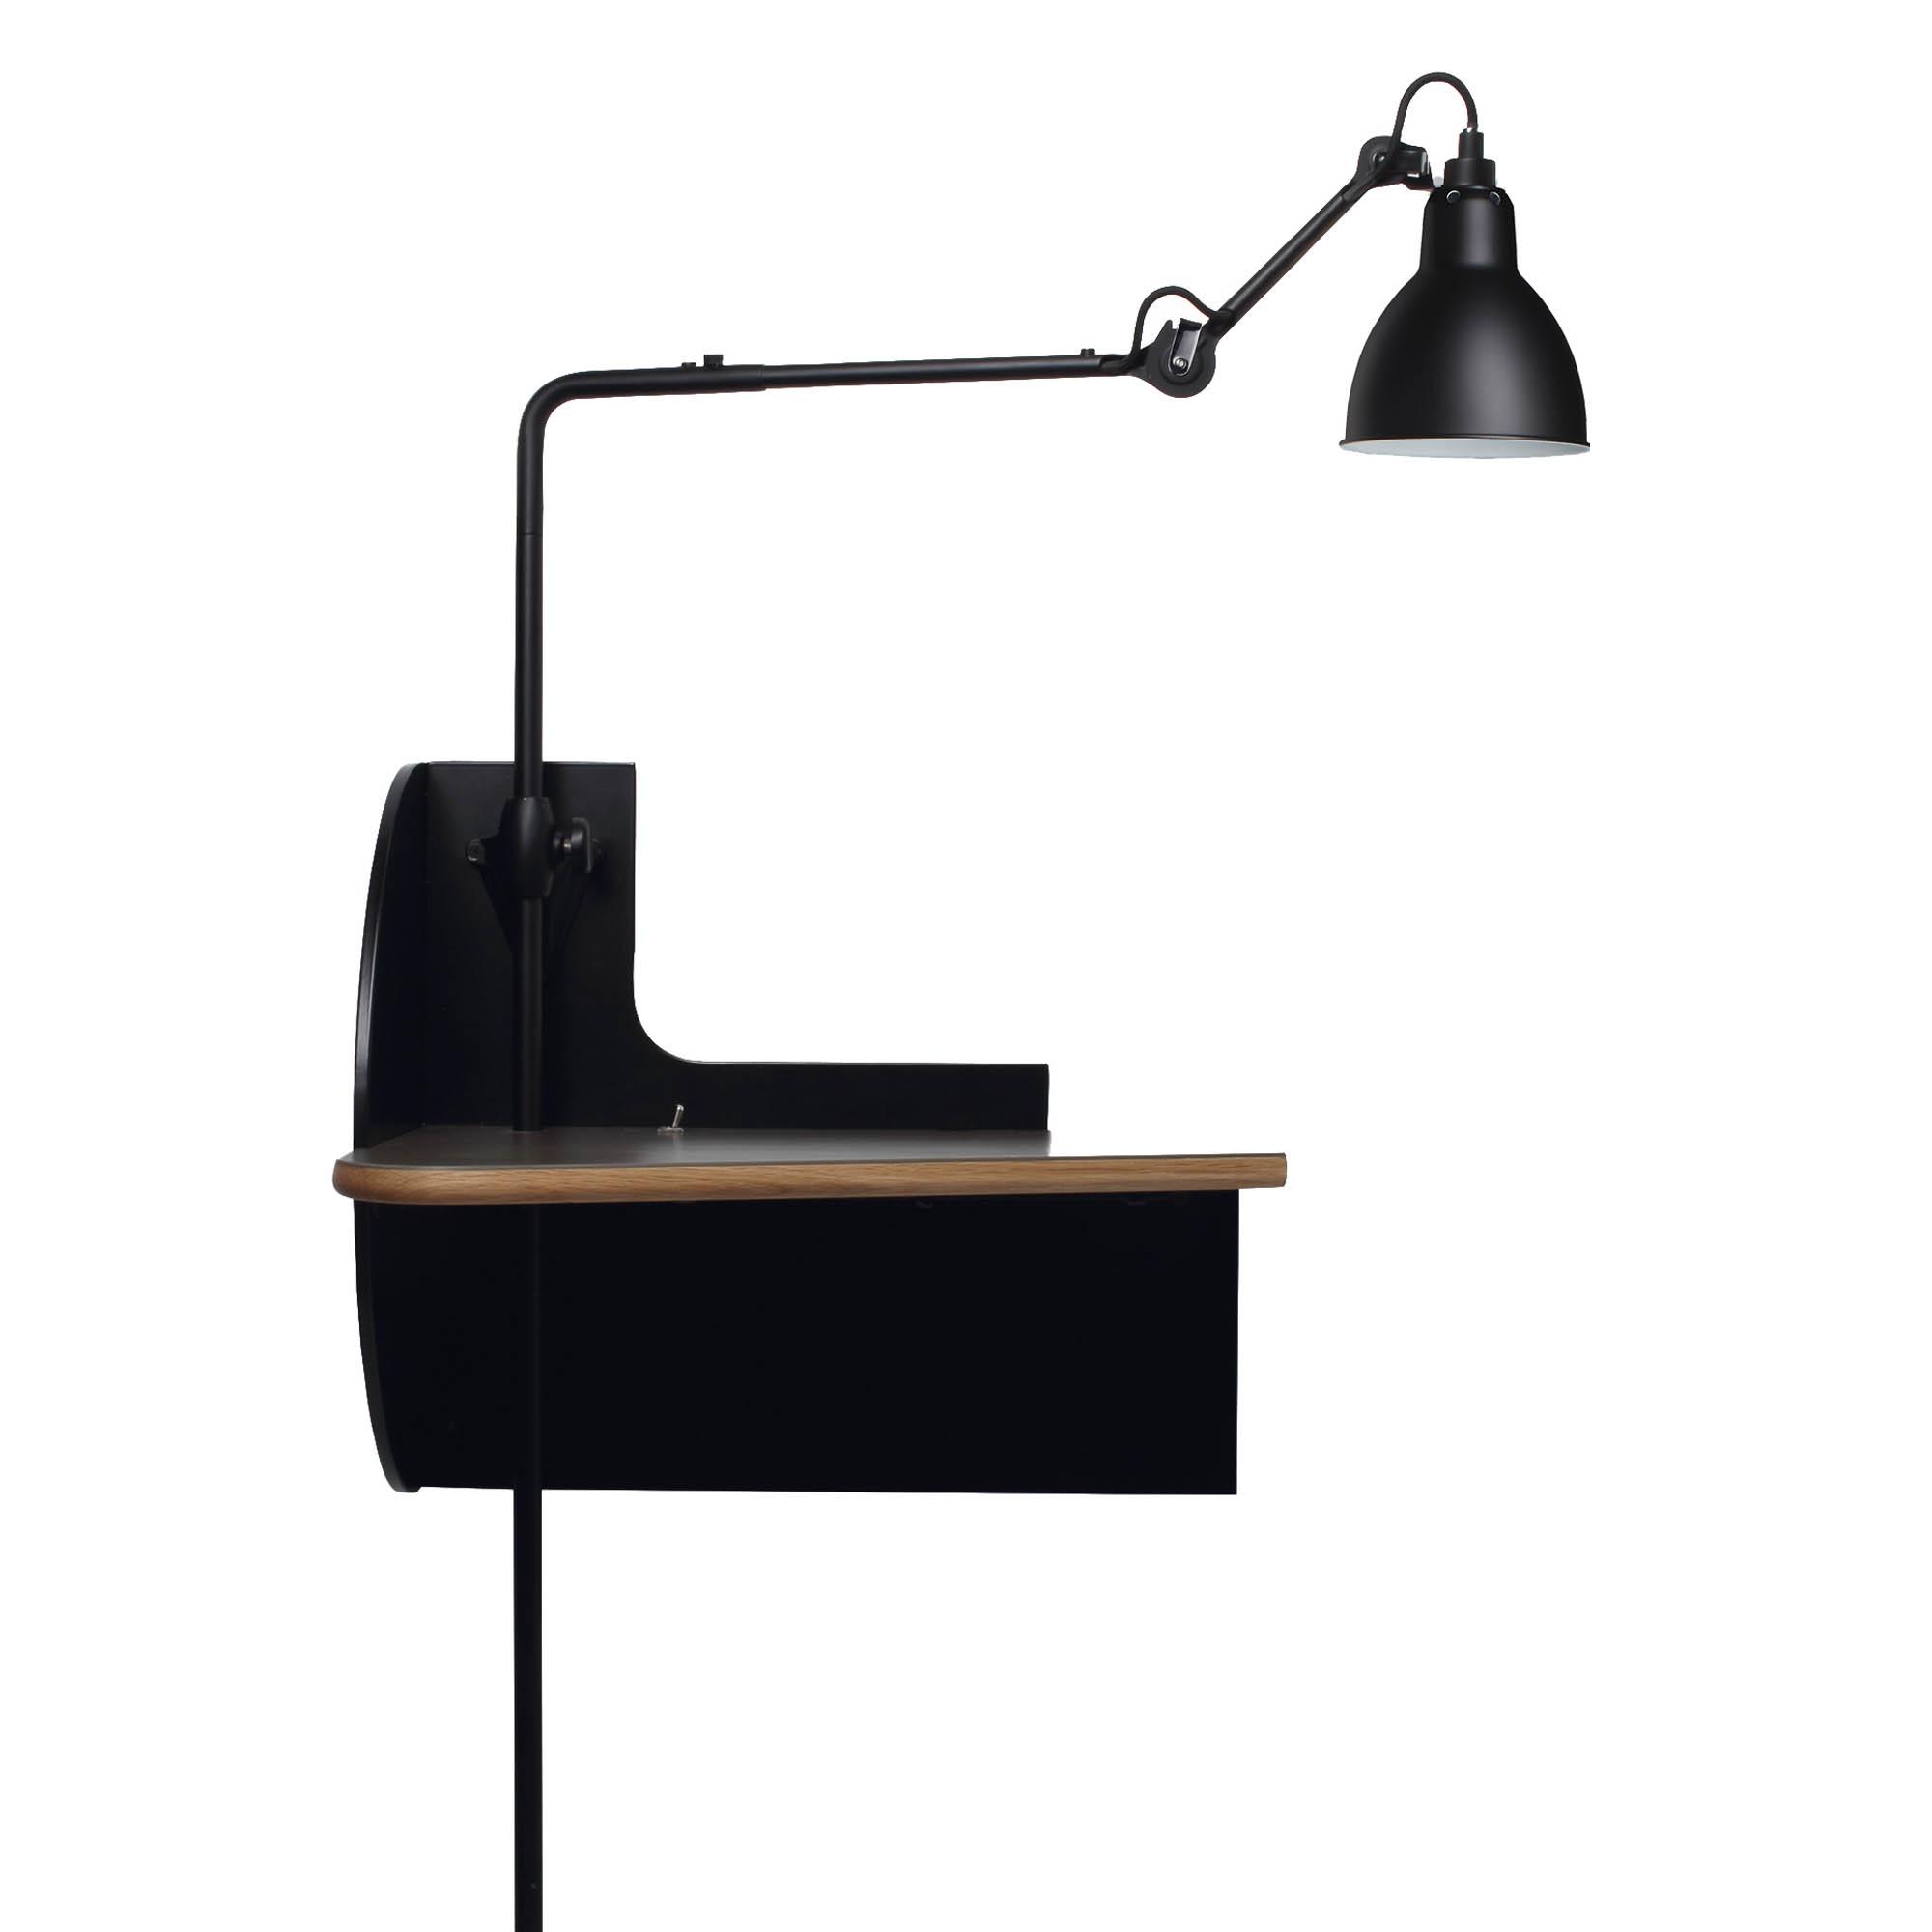 nachttisch mit lampe von lampe gras. Black Bedroom Furniture Sets. Home Design Ideas